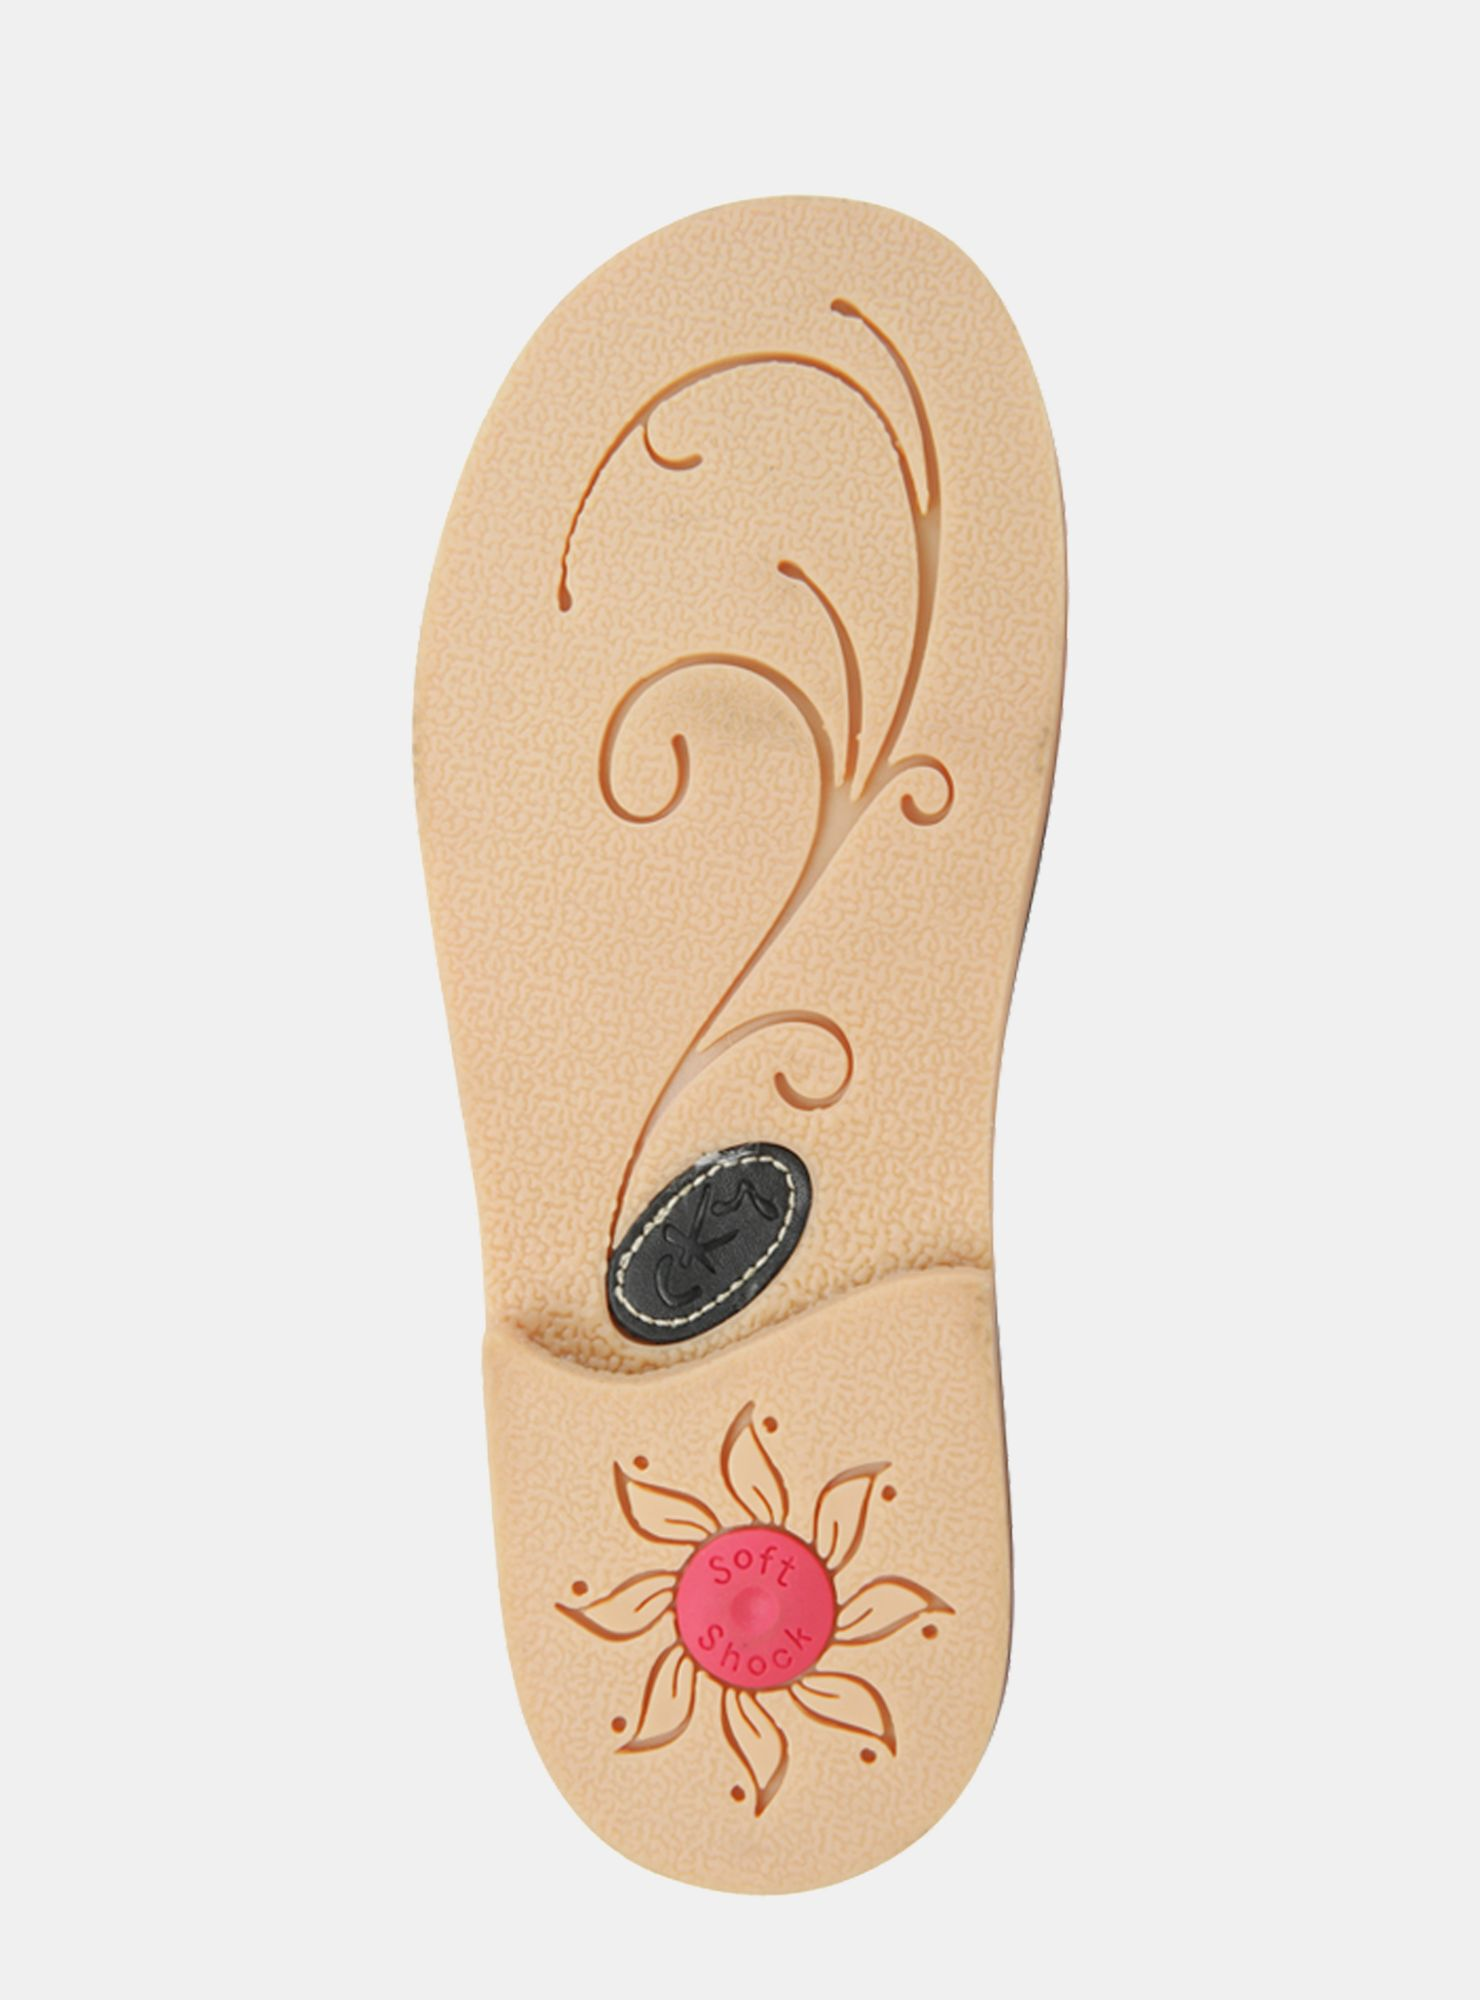 Zapato Colloky Escolar Reina G Niña - Zapatillas Escolares  be3d2ea6402b